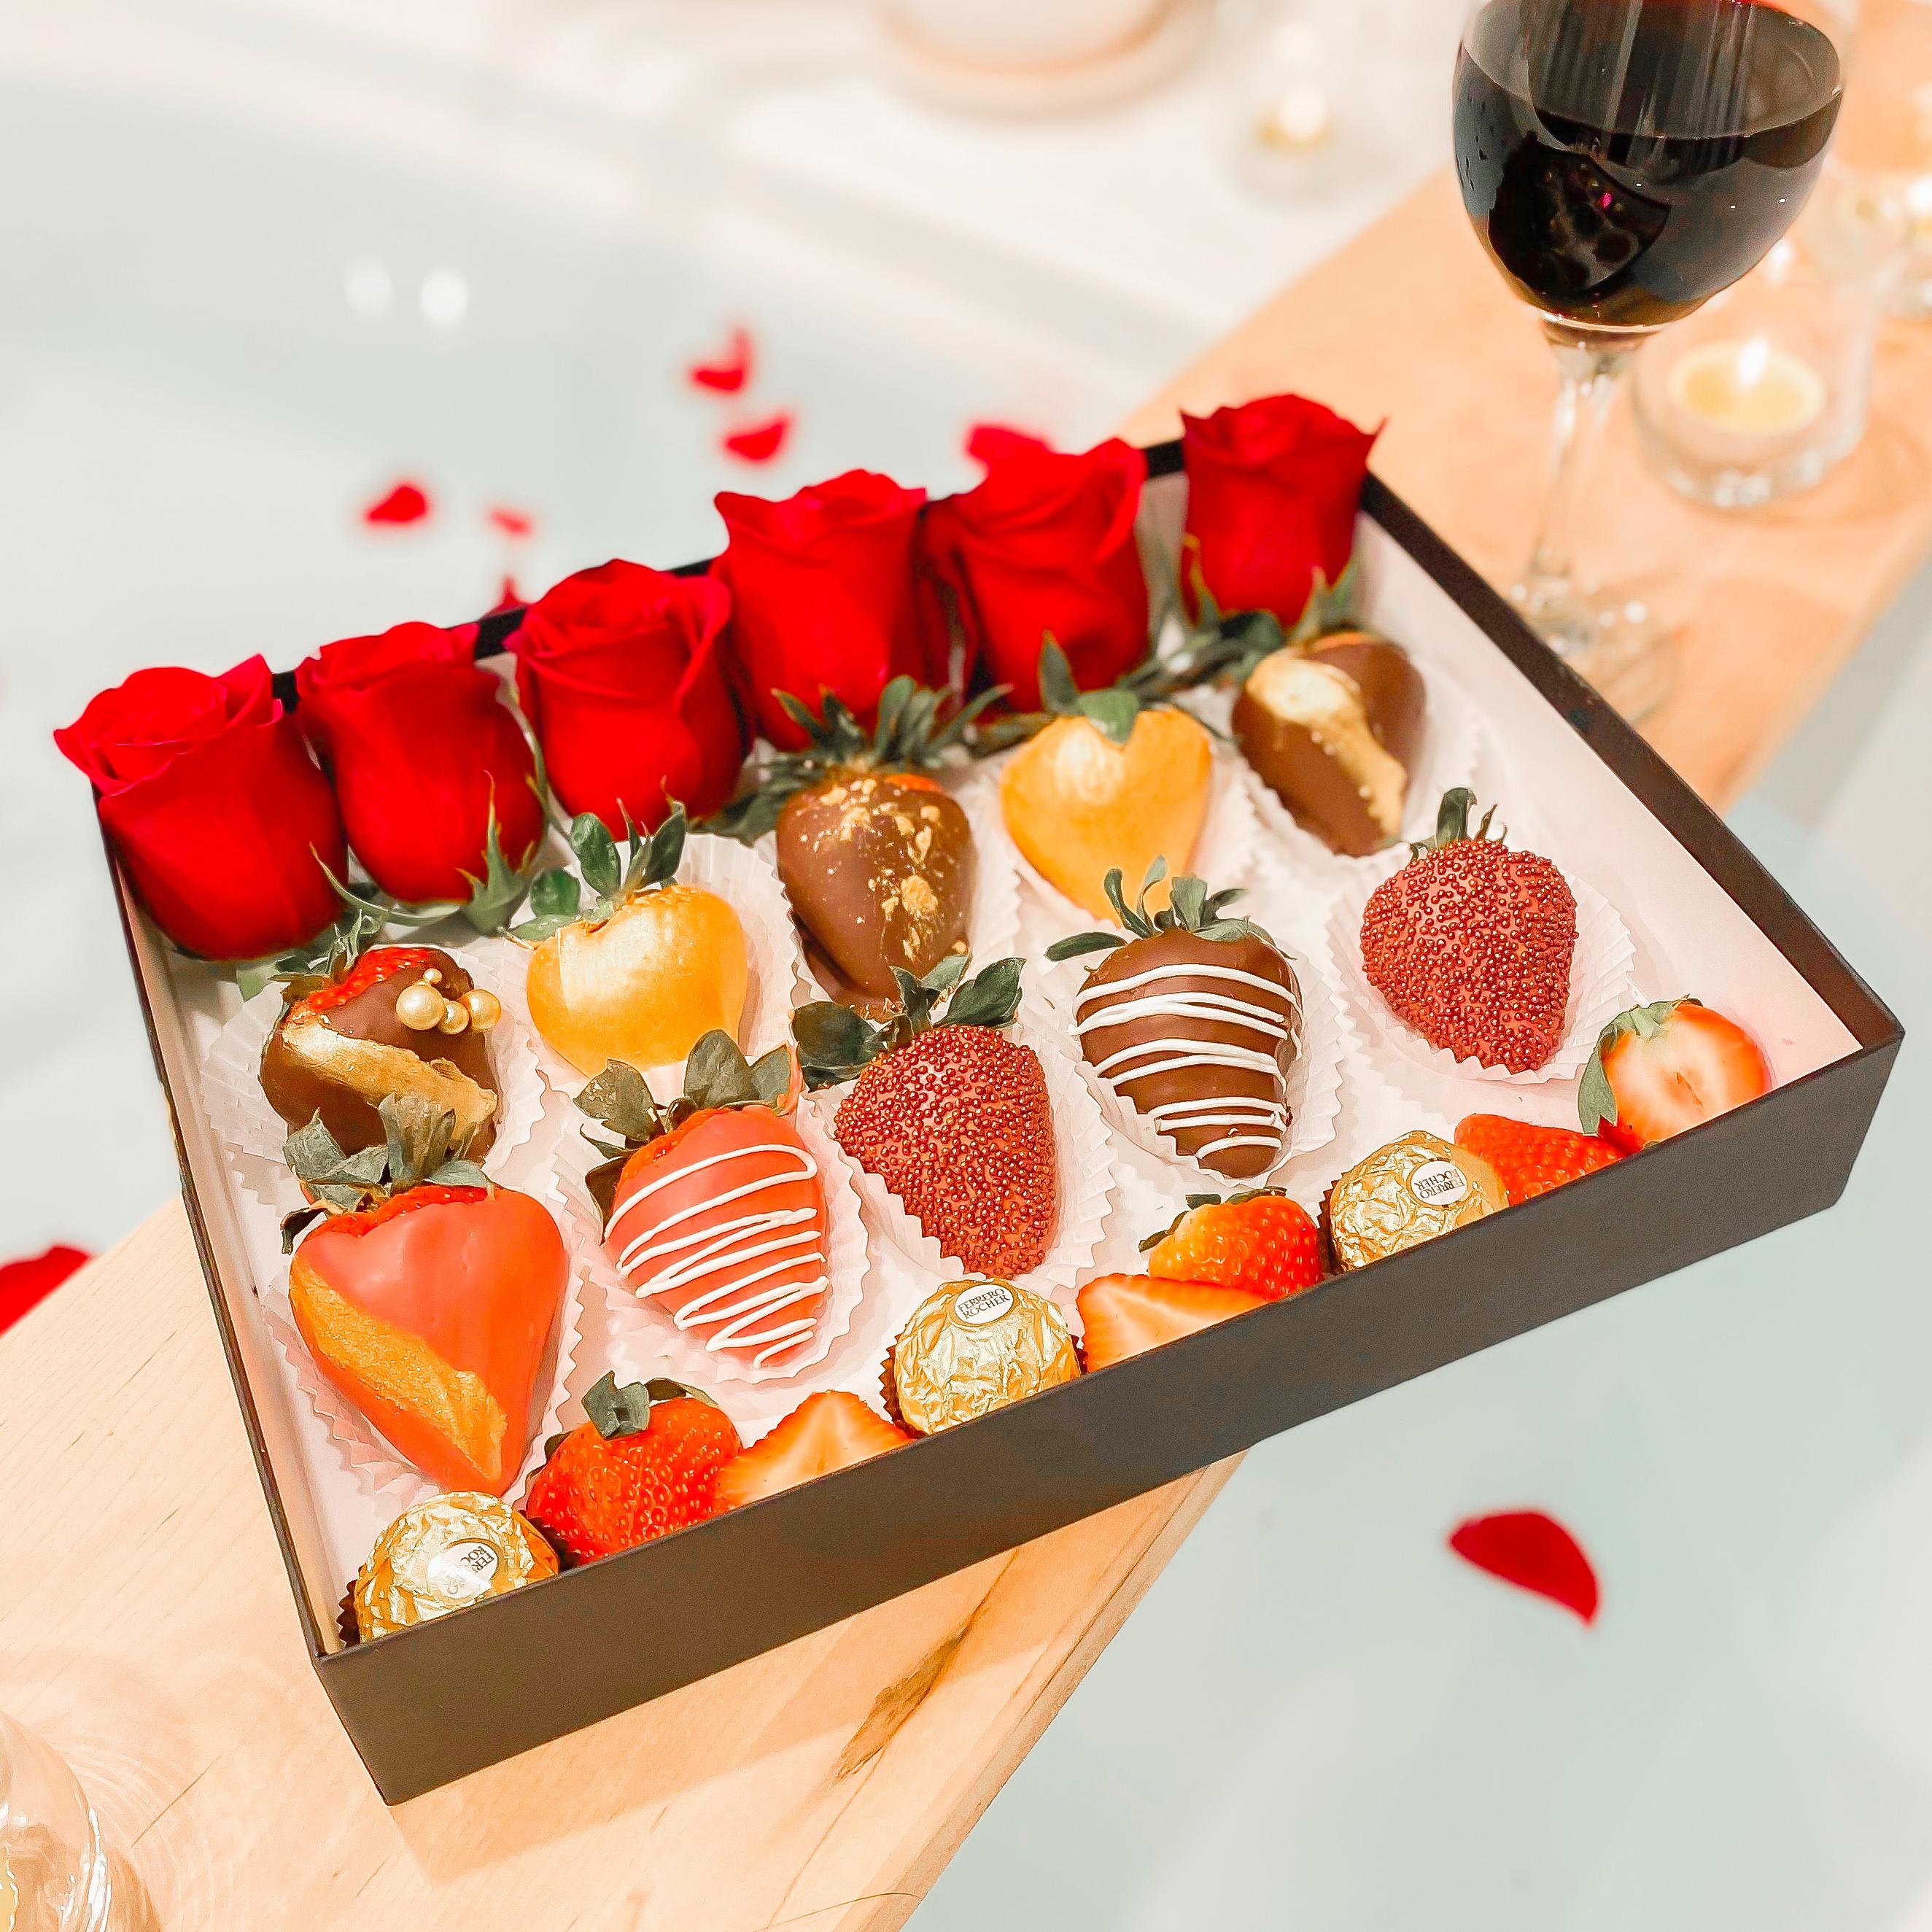 Chocolate Covered Strawberries Toronto